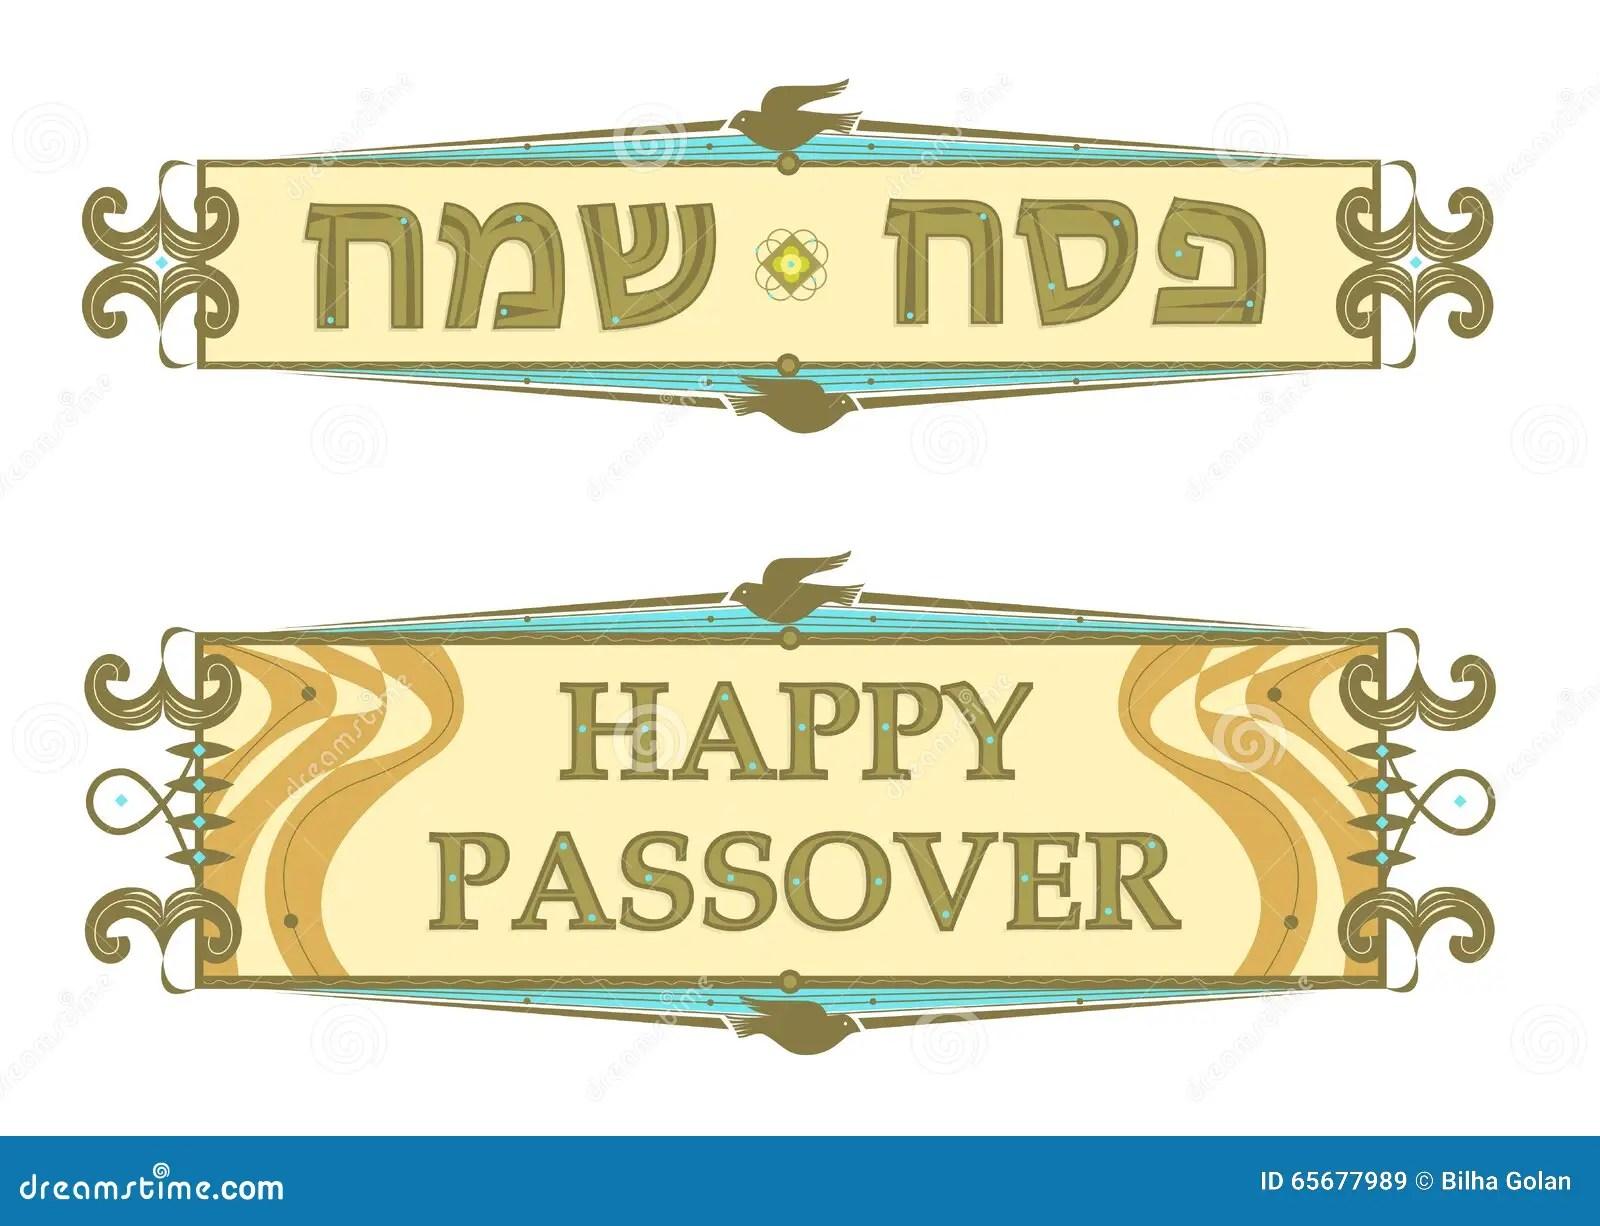 Hanukkah Greetings In Hebrew